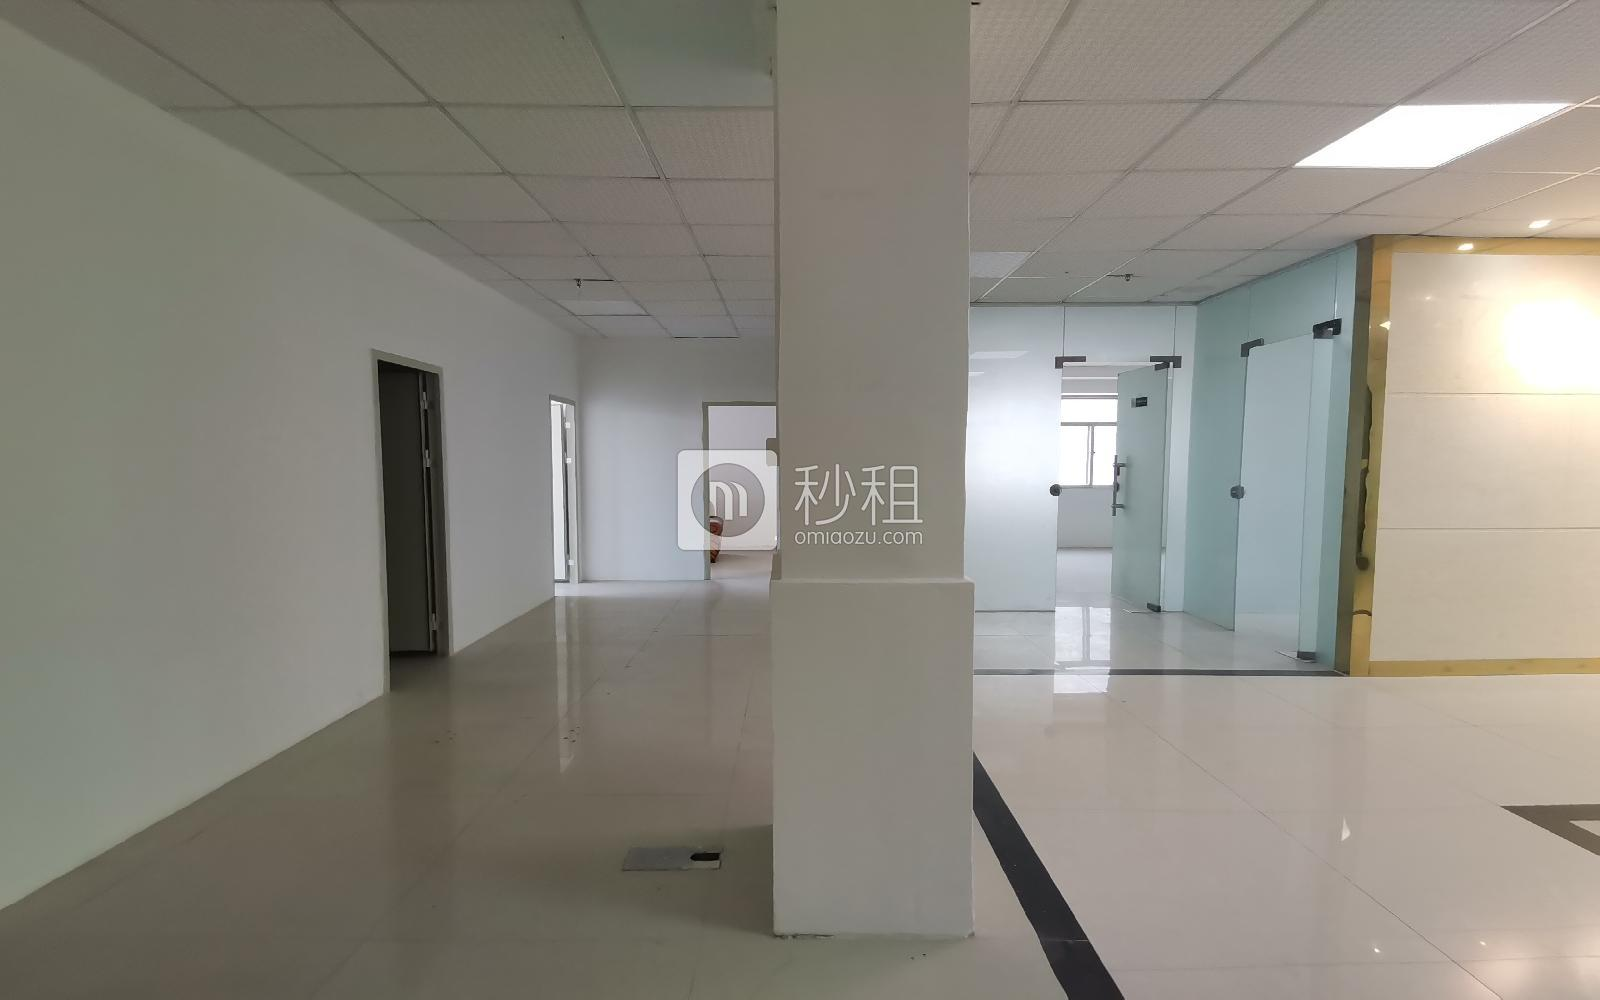 龙岗-龙岗中心城 草根创业园 250m²